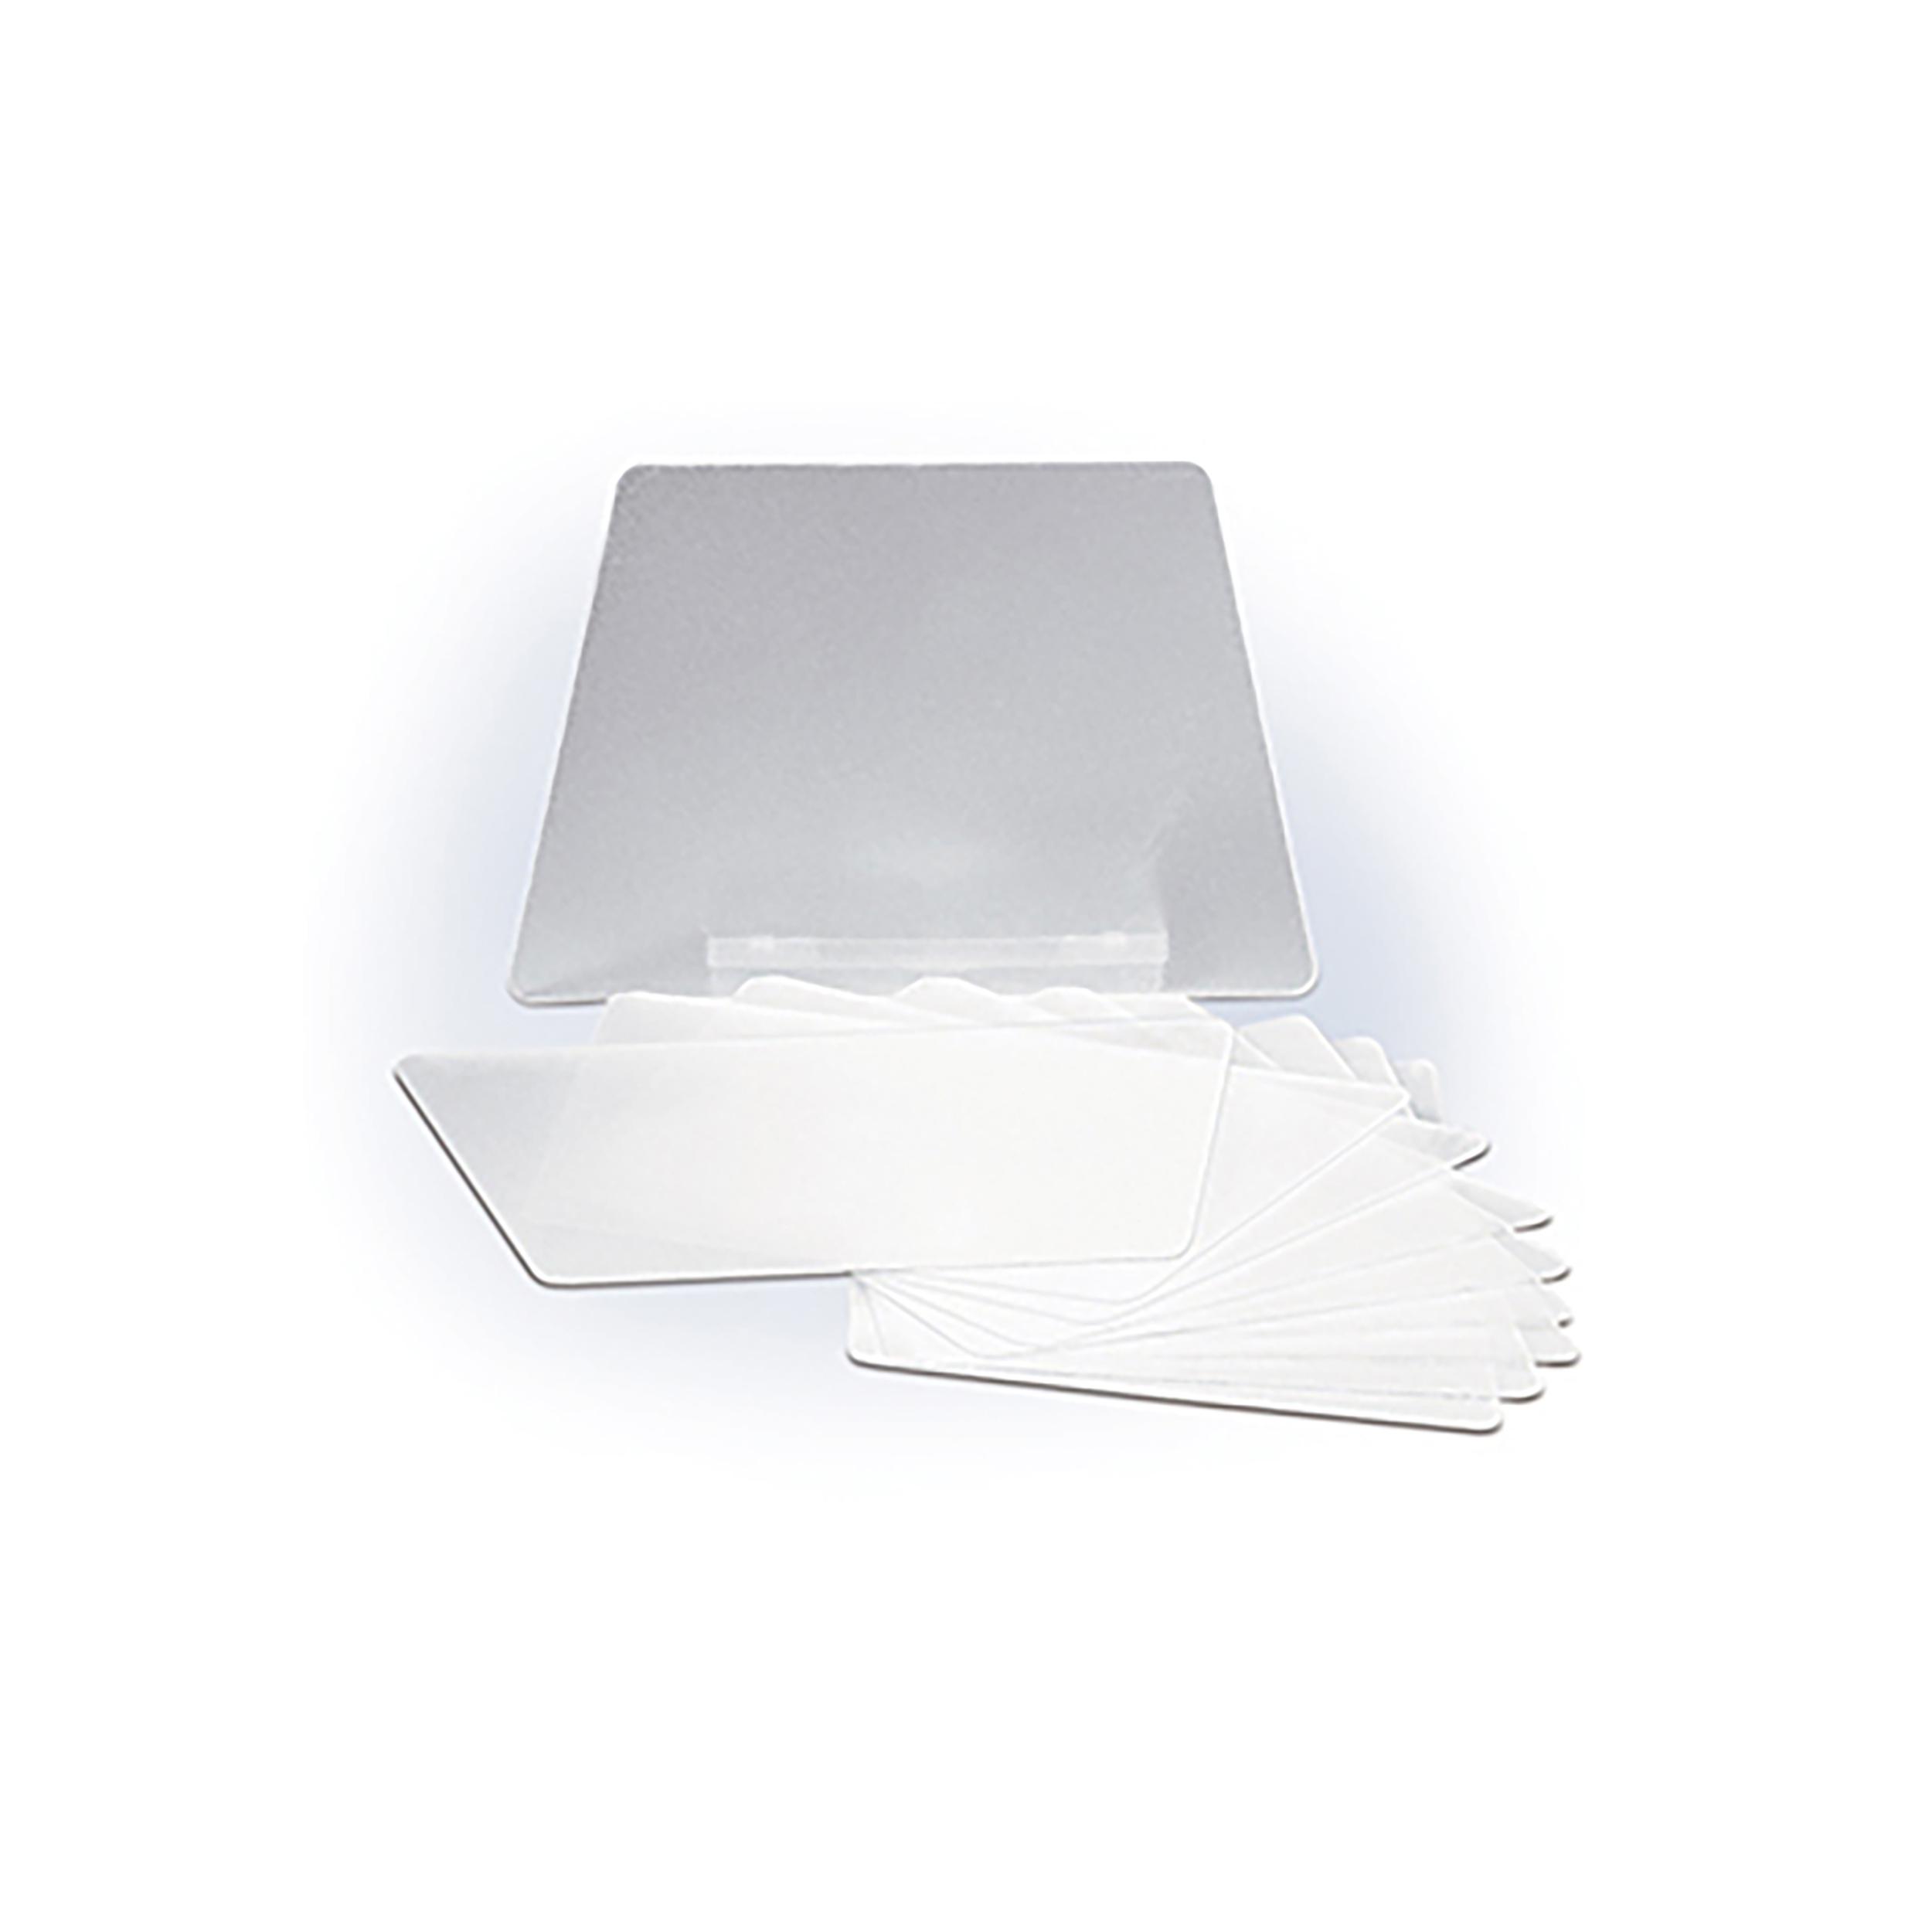 9562010 MicroCab Plus Plus Replacement Parts Replacement Shield, 10/Pkg., 91286